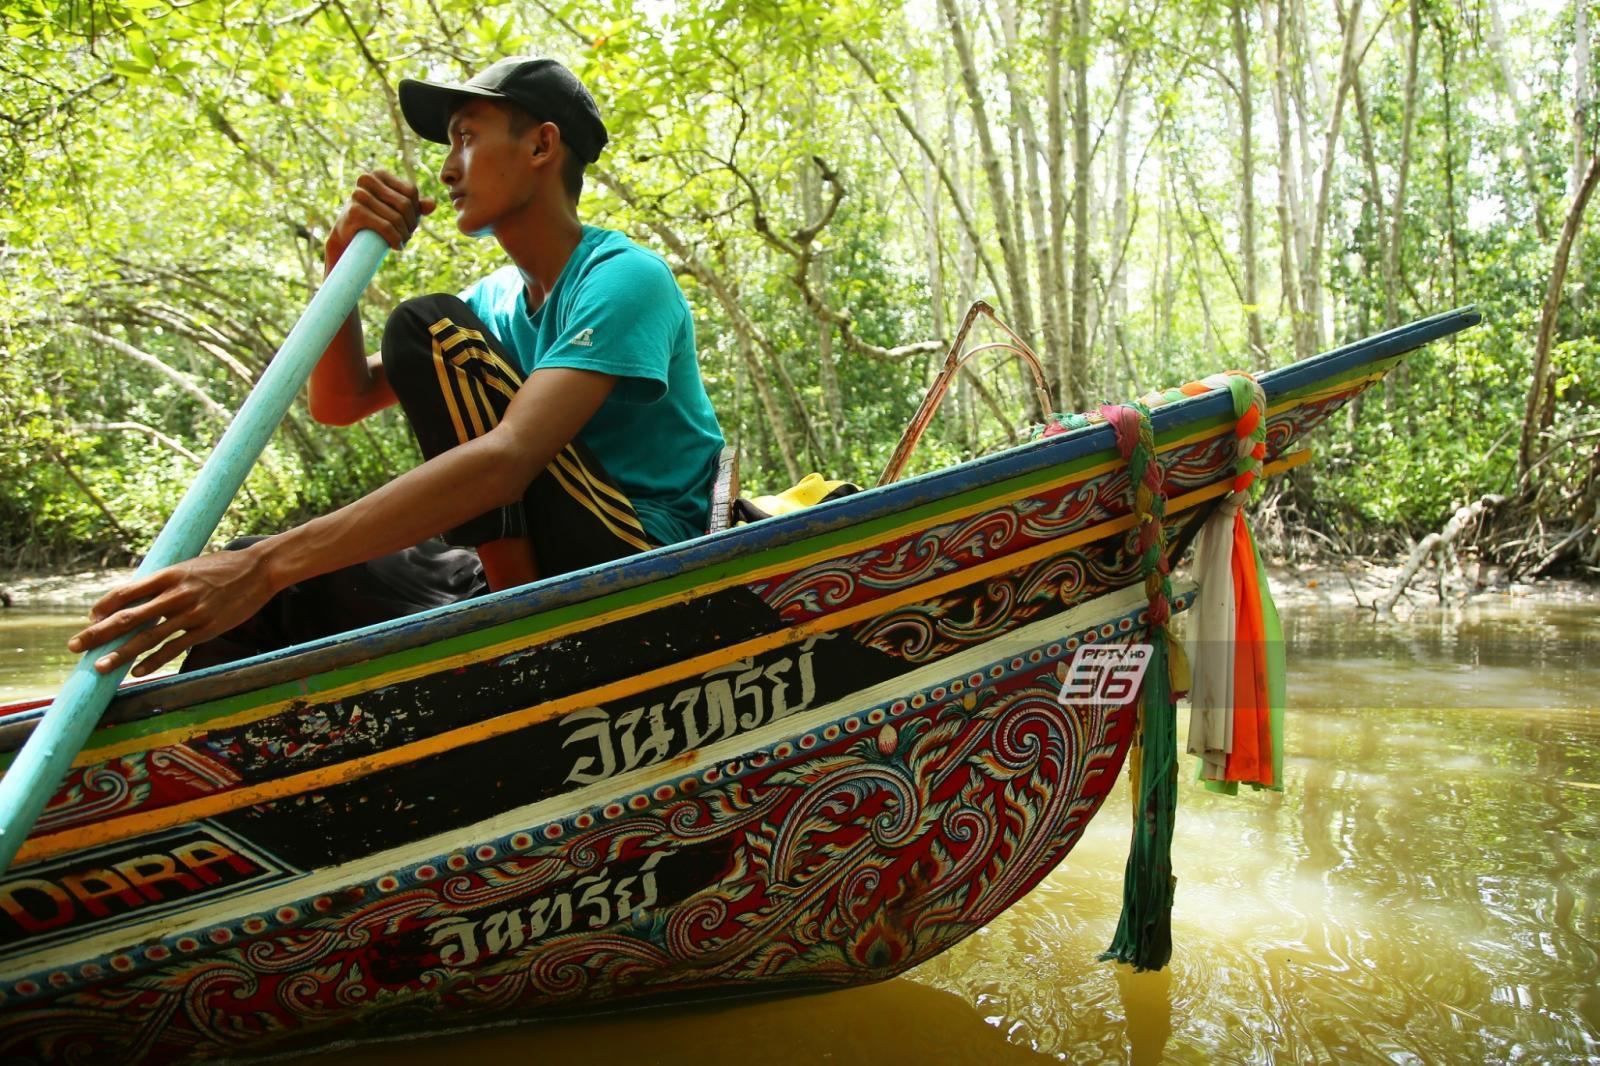 """ตะลุย! ล่องเรือ """"บูนาดารา"""" ชมอุโมงค์โกงกาง แหล่งท่องเที่ยวทางธรรมชาติ"""